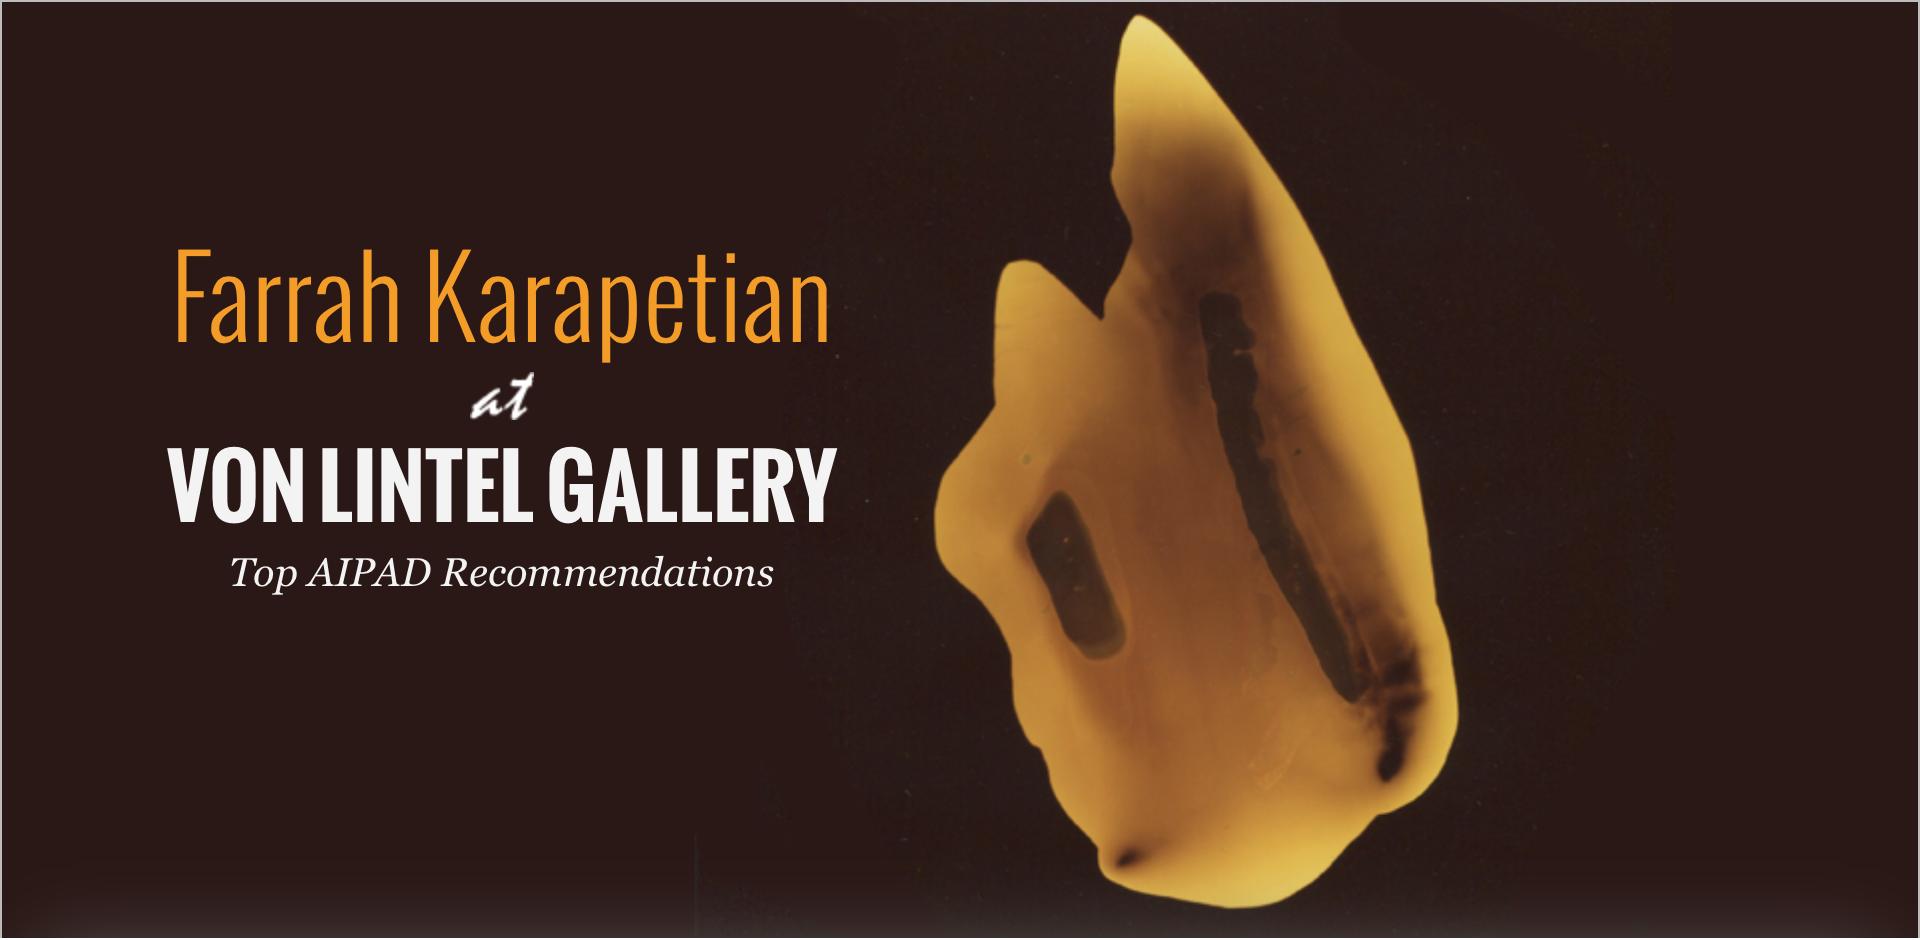 Farrah Karapetian at Von Lintel Gallery AIPAD 2014